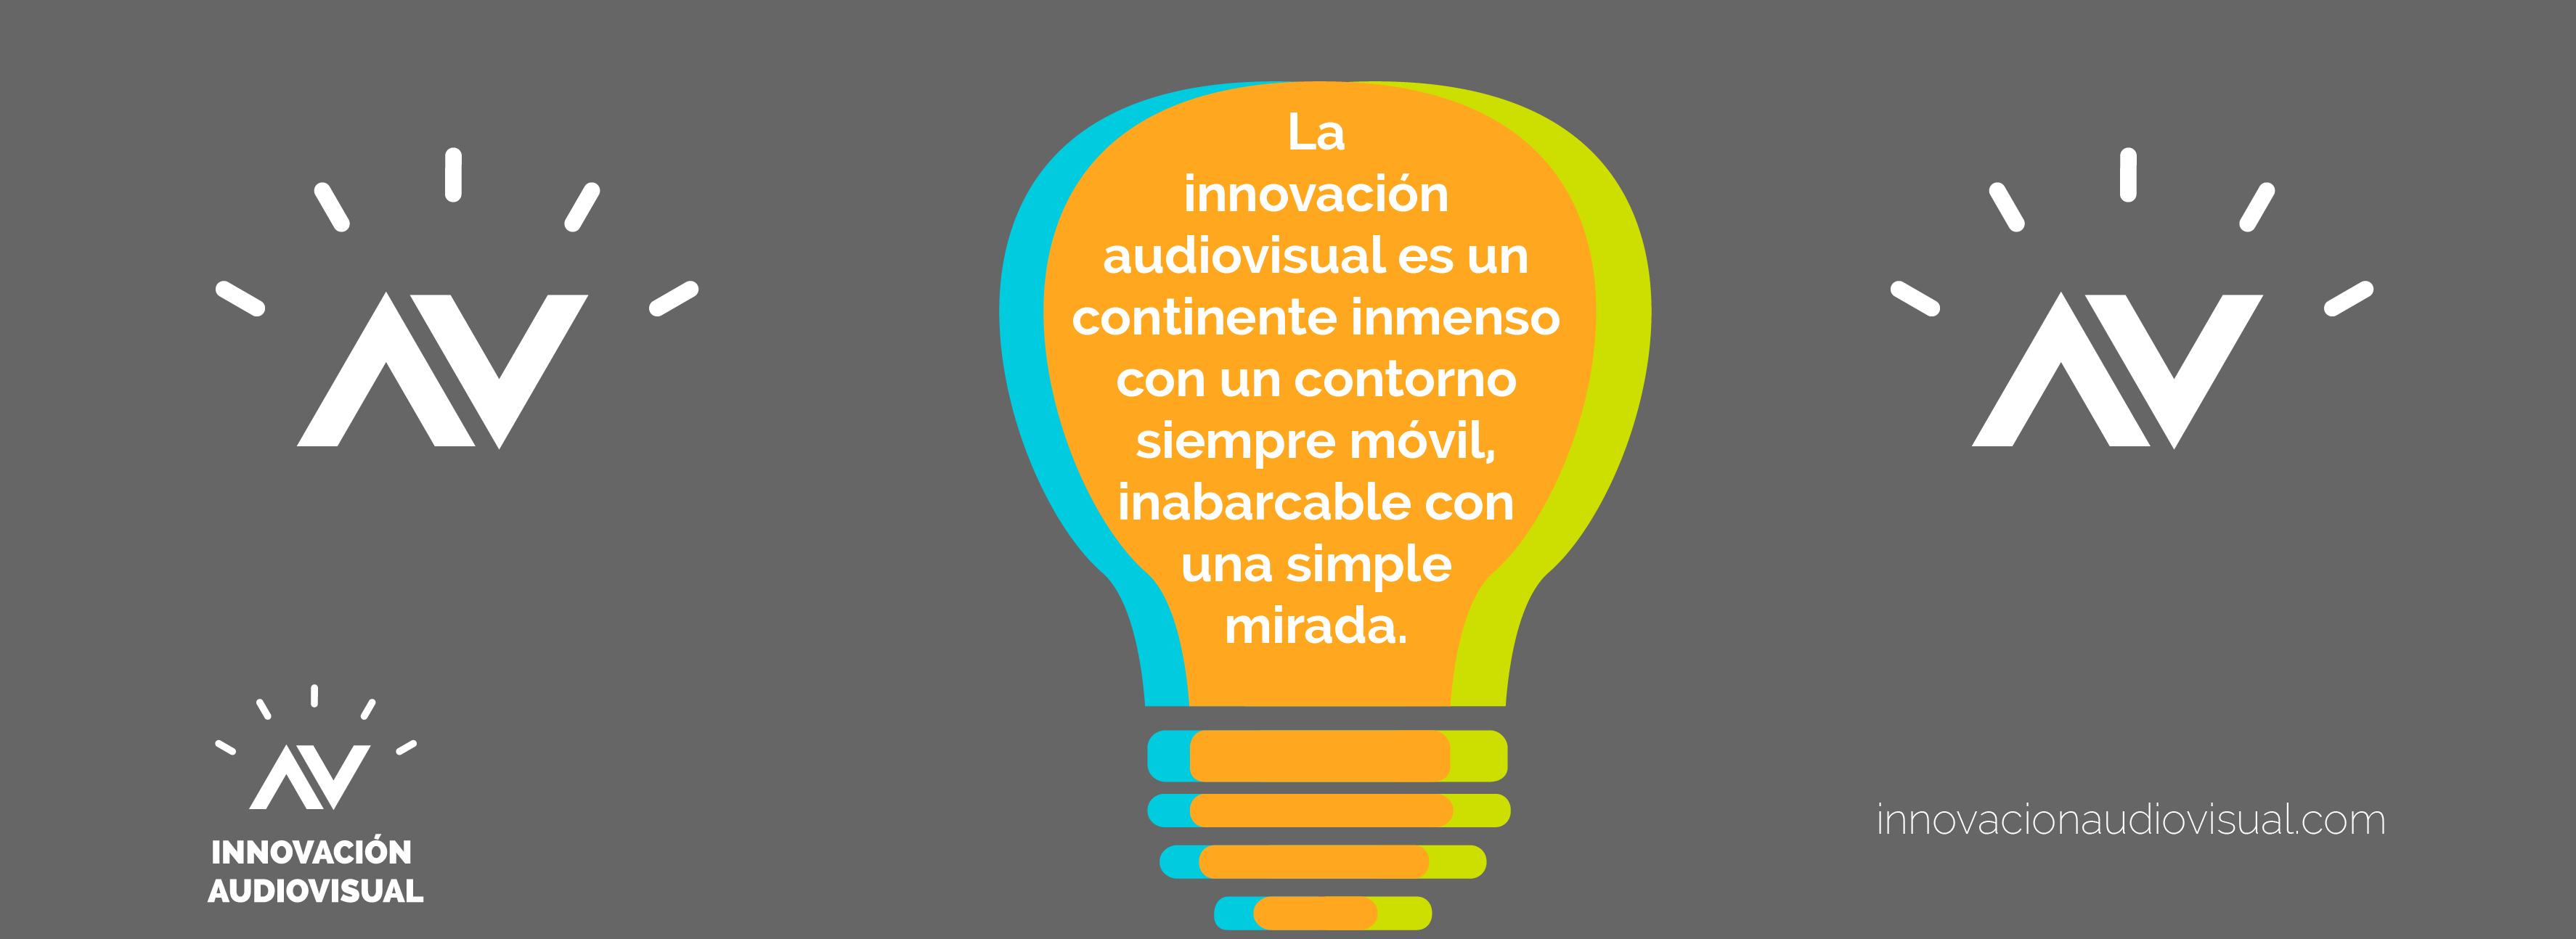 innovacion-audiovisual-eduardo-pradanos